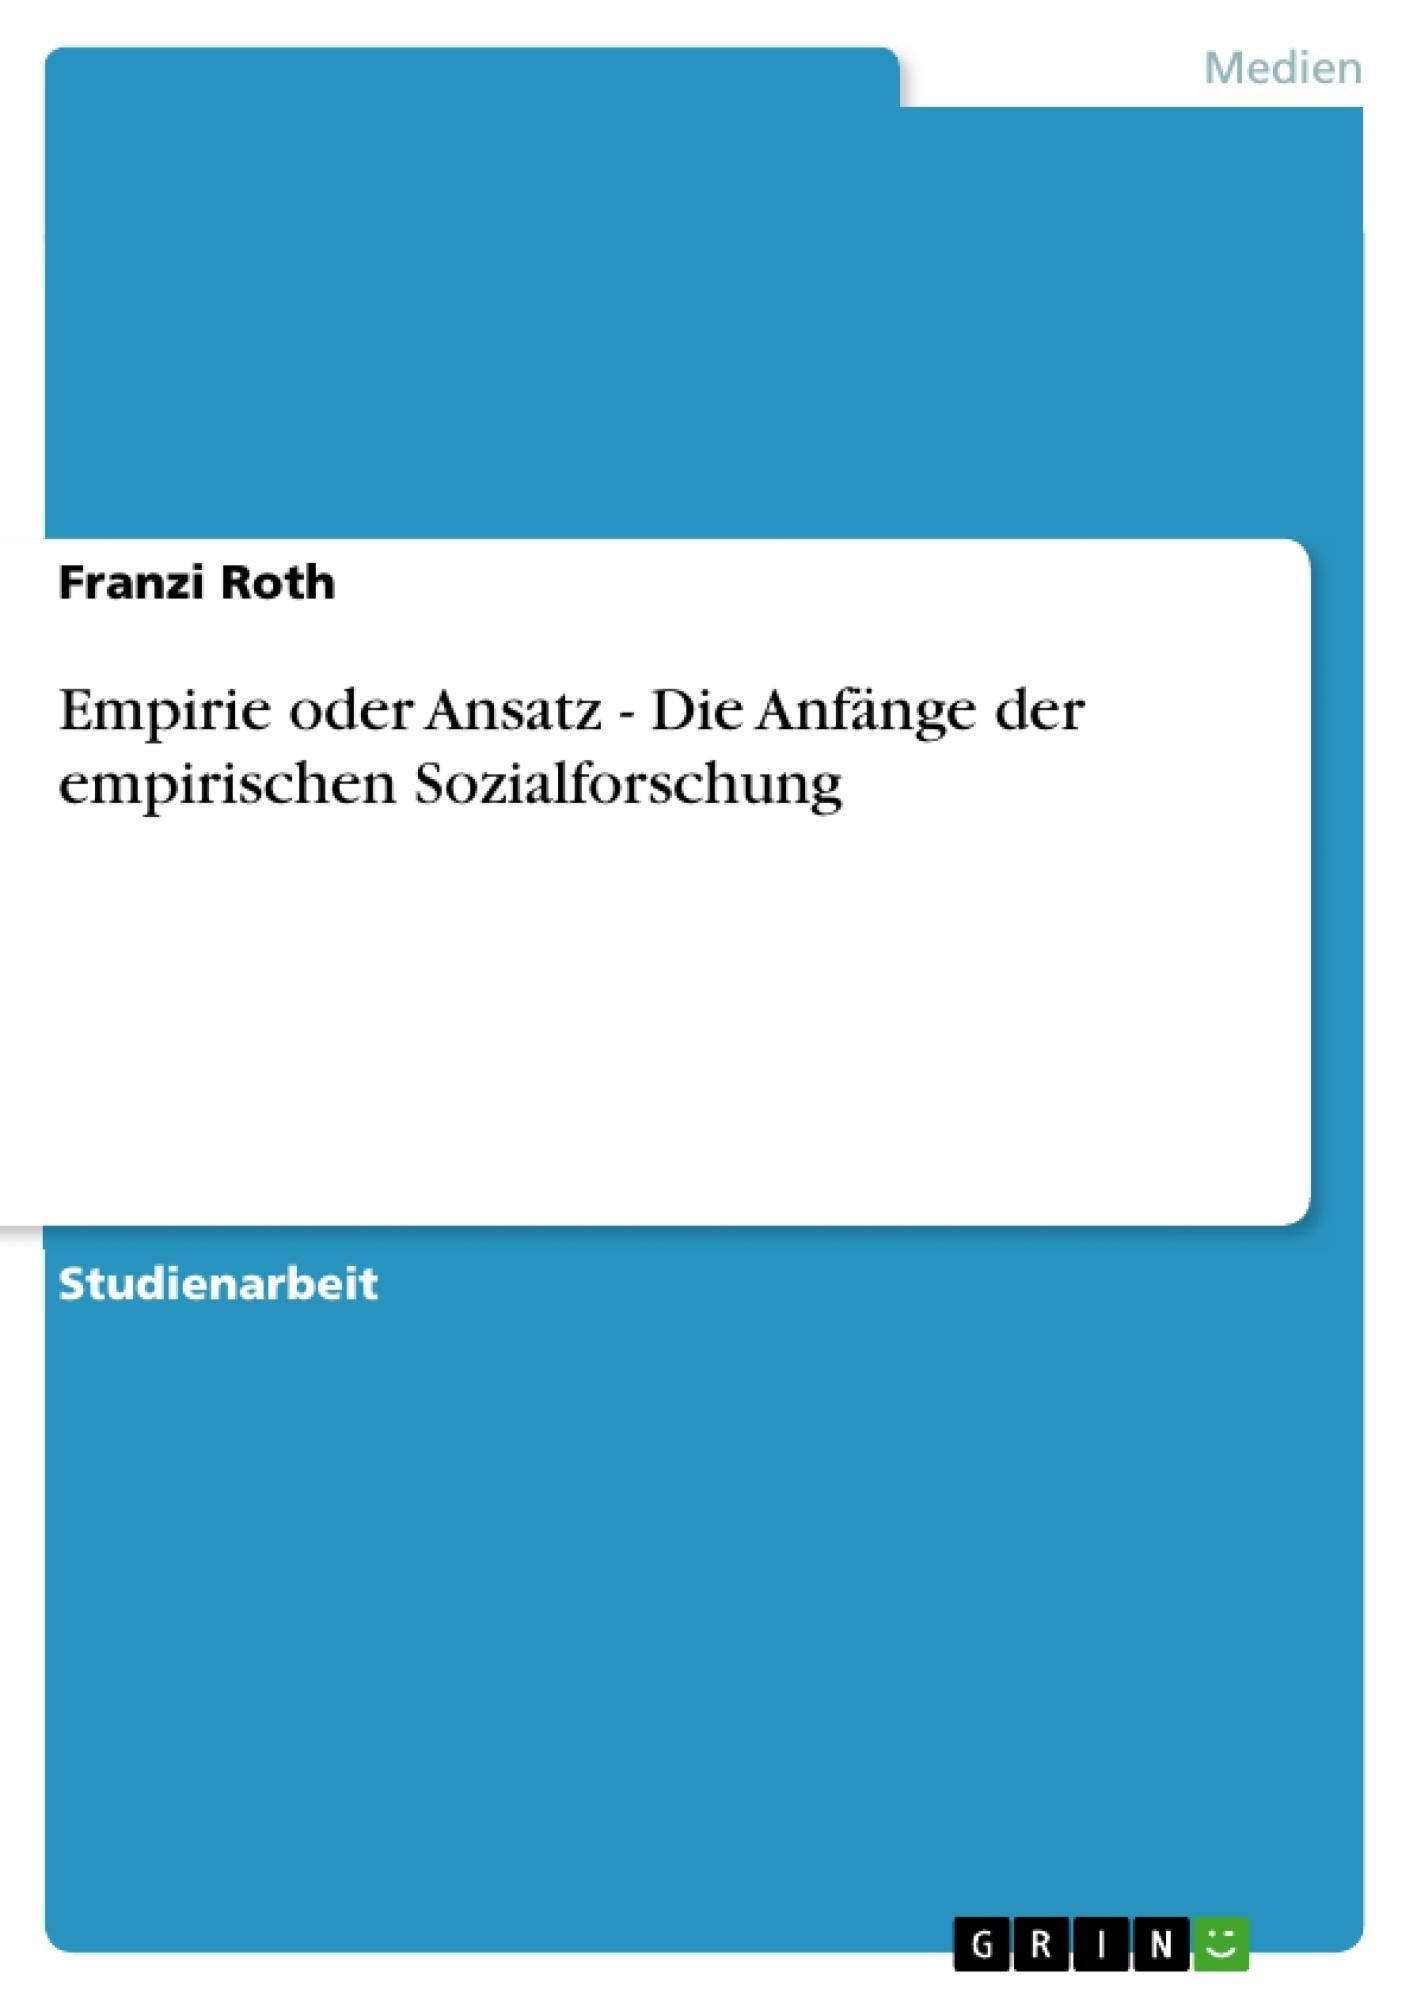 Titel: Empirie oder Ansatz - Die Anfänge der empirischen Sozialforschung